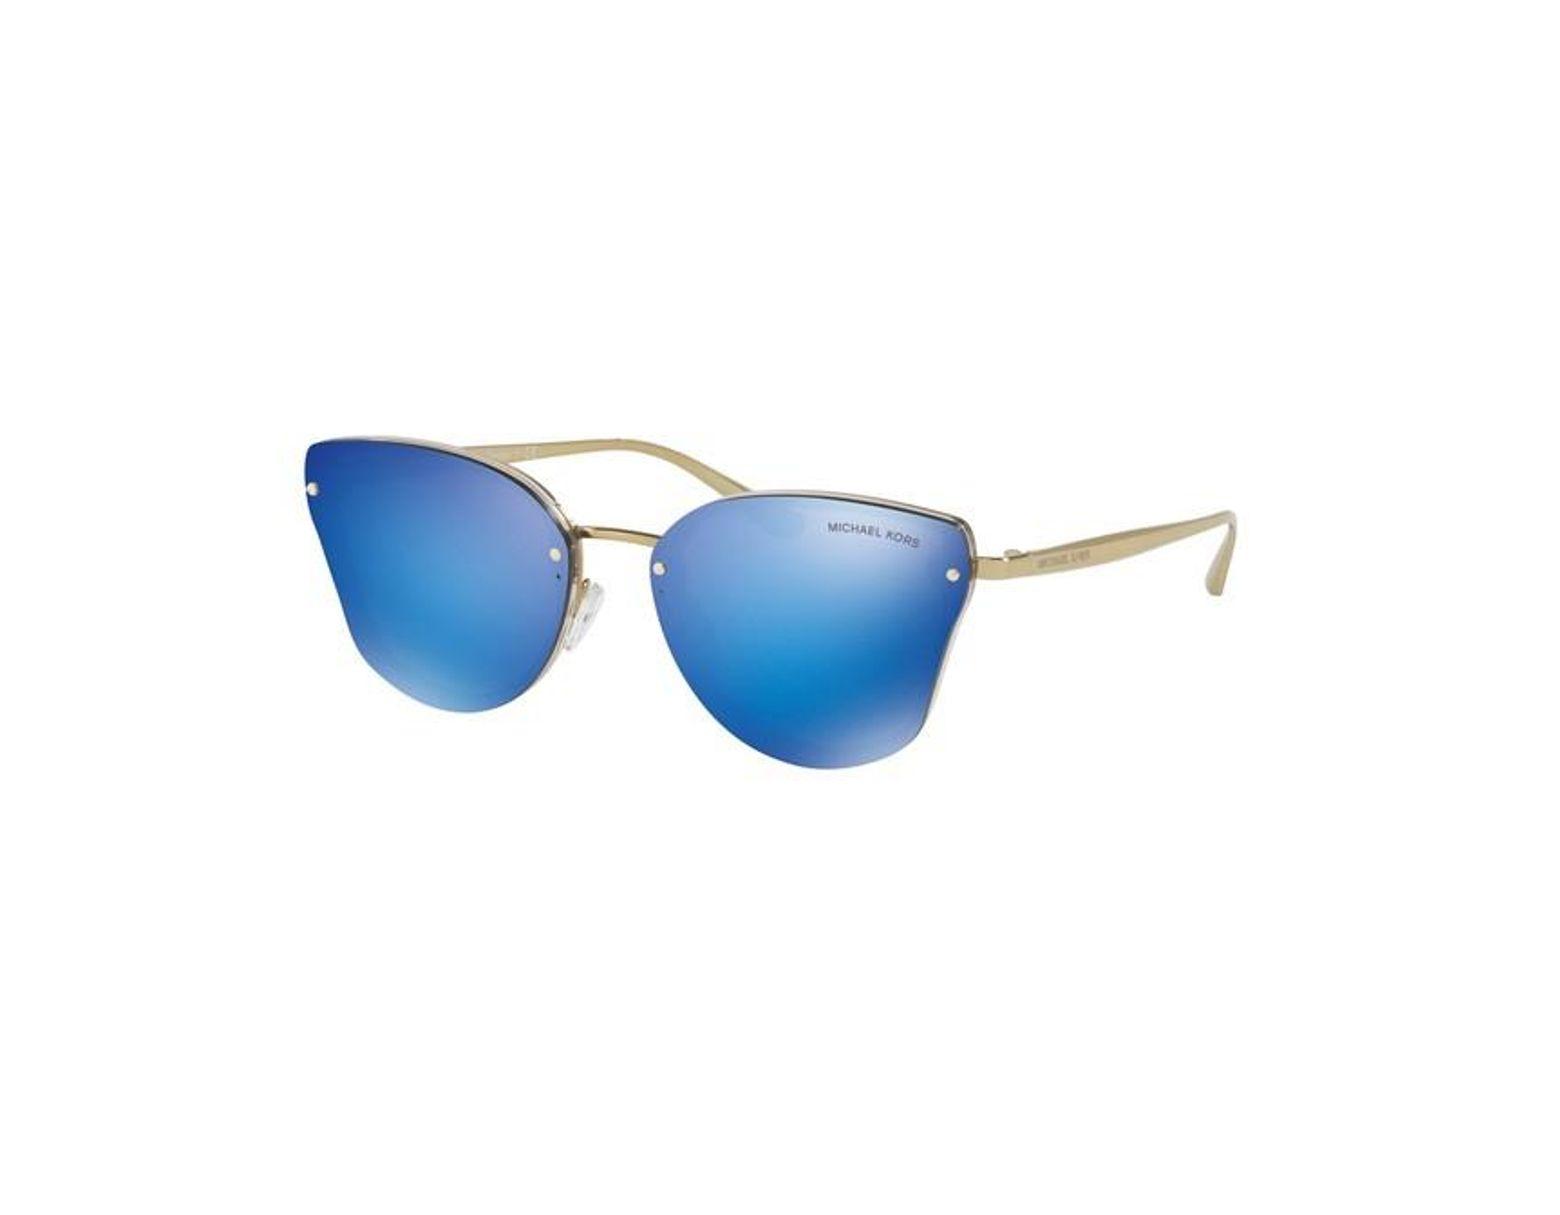 Lunettes Mk2068 Soleil Femme Bleu Coloris Sanibel De UpVSzM